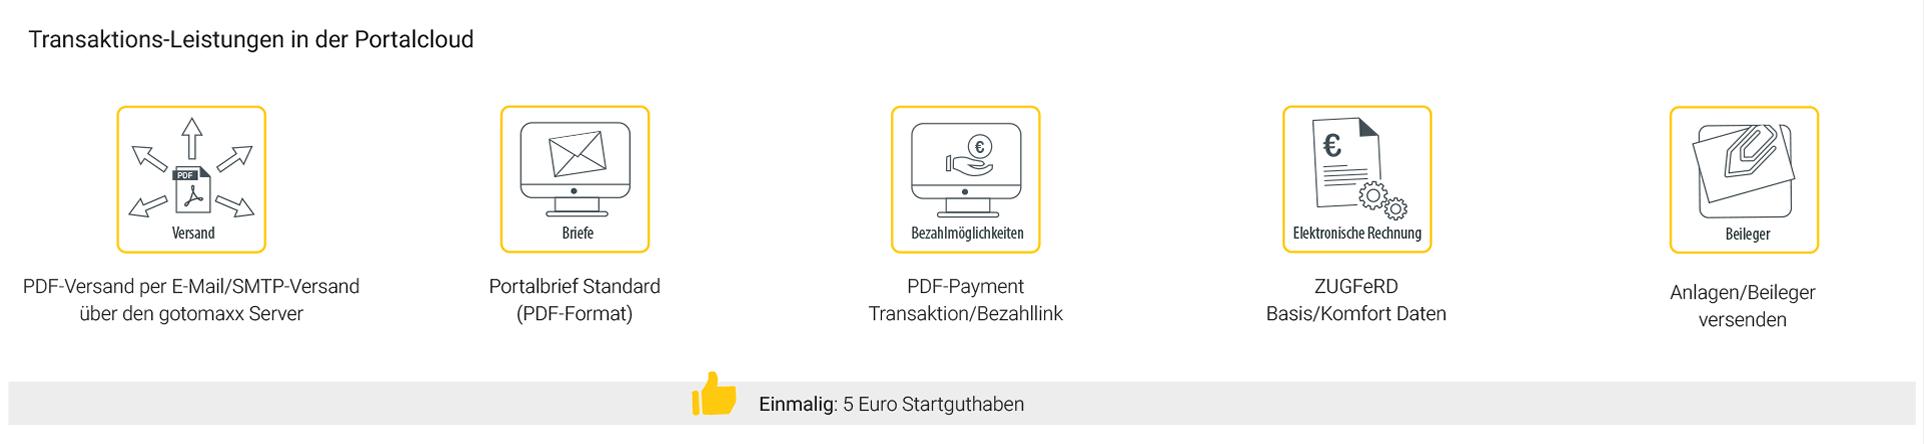 Transaktionsleistungen PC